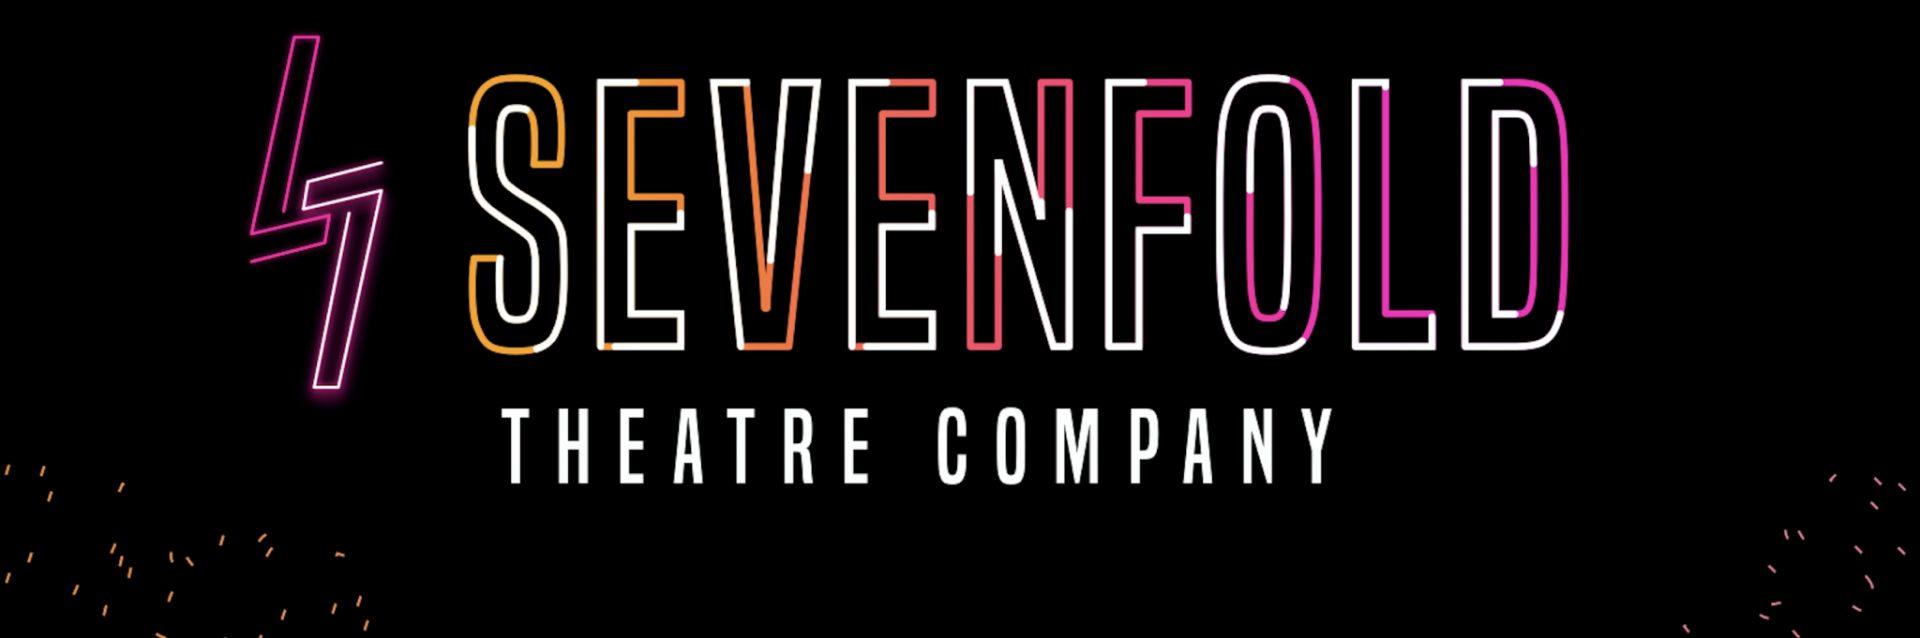 Sevenfold Theatre Company